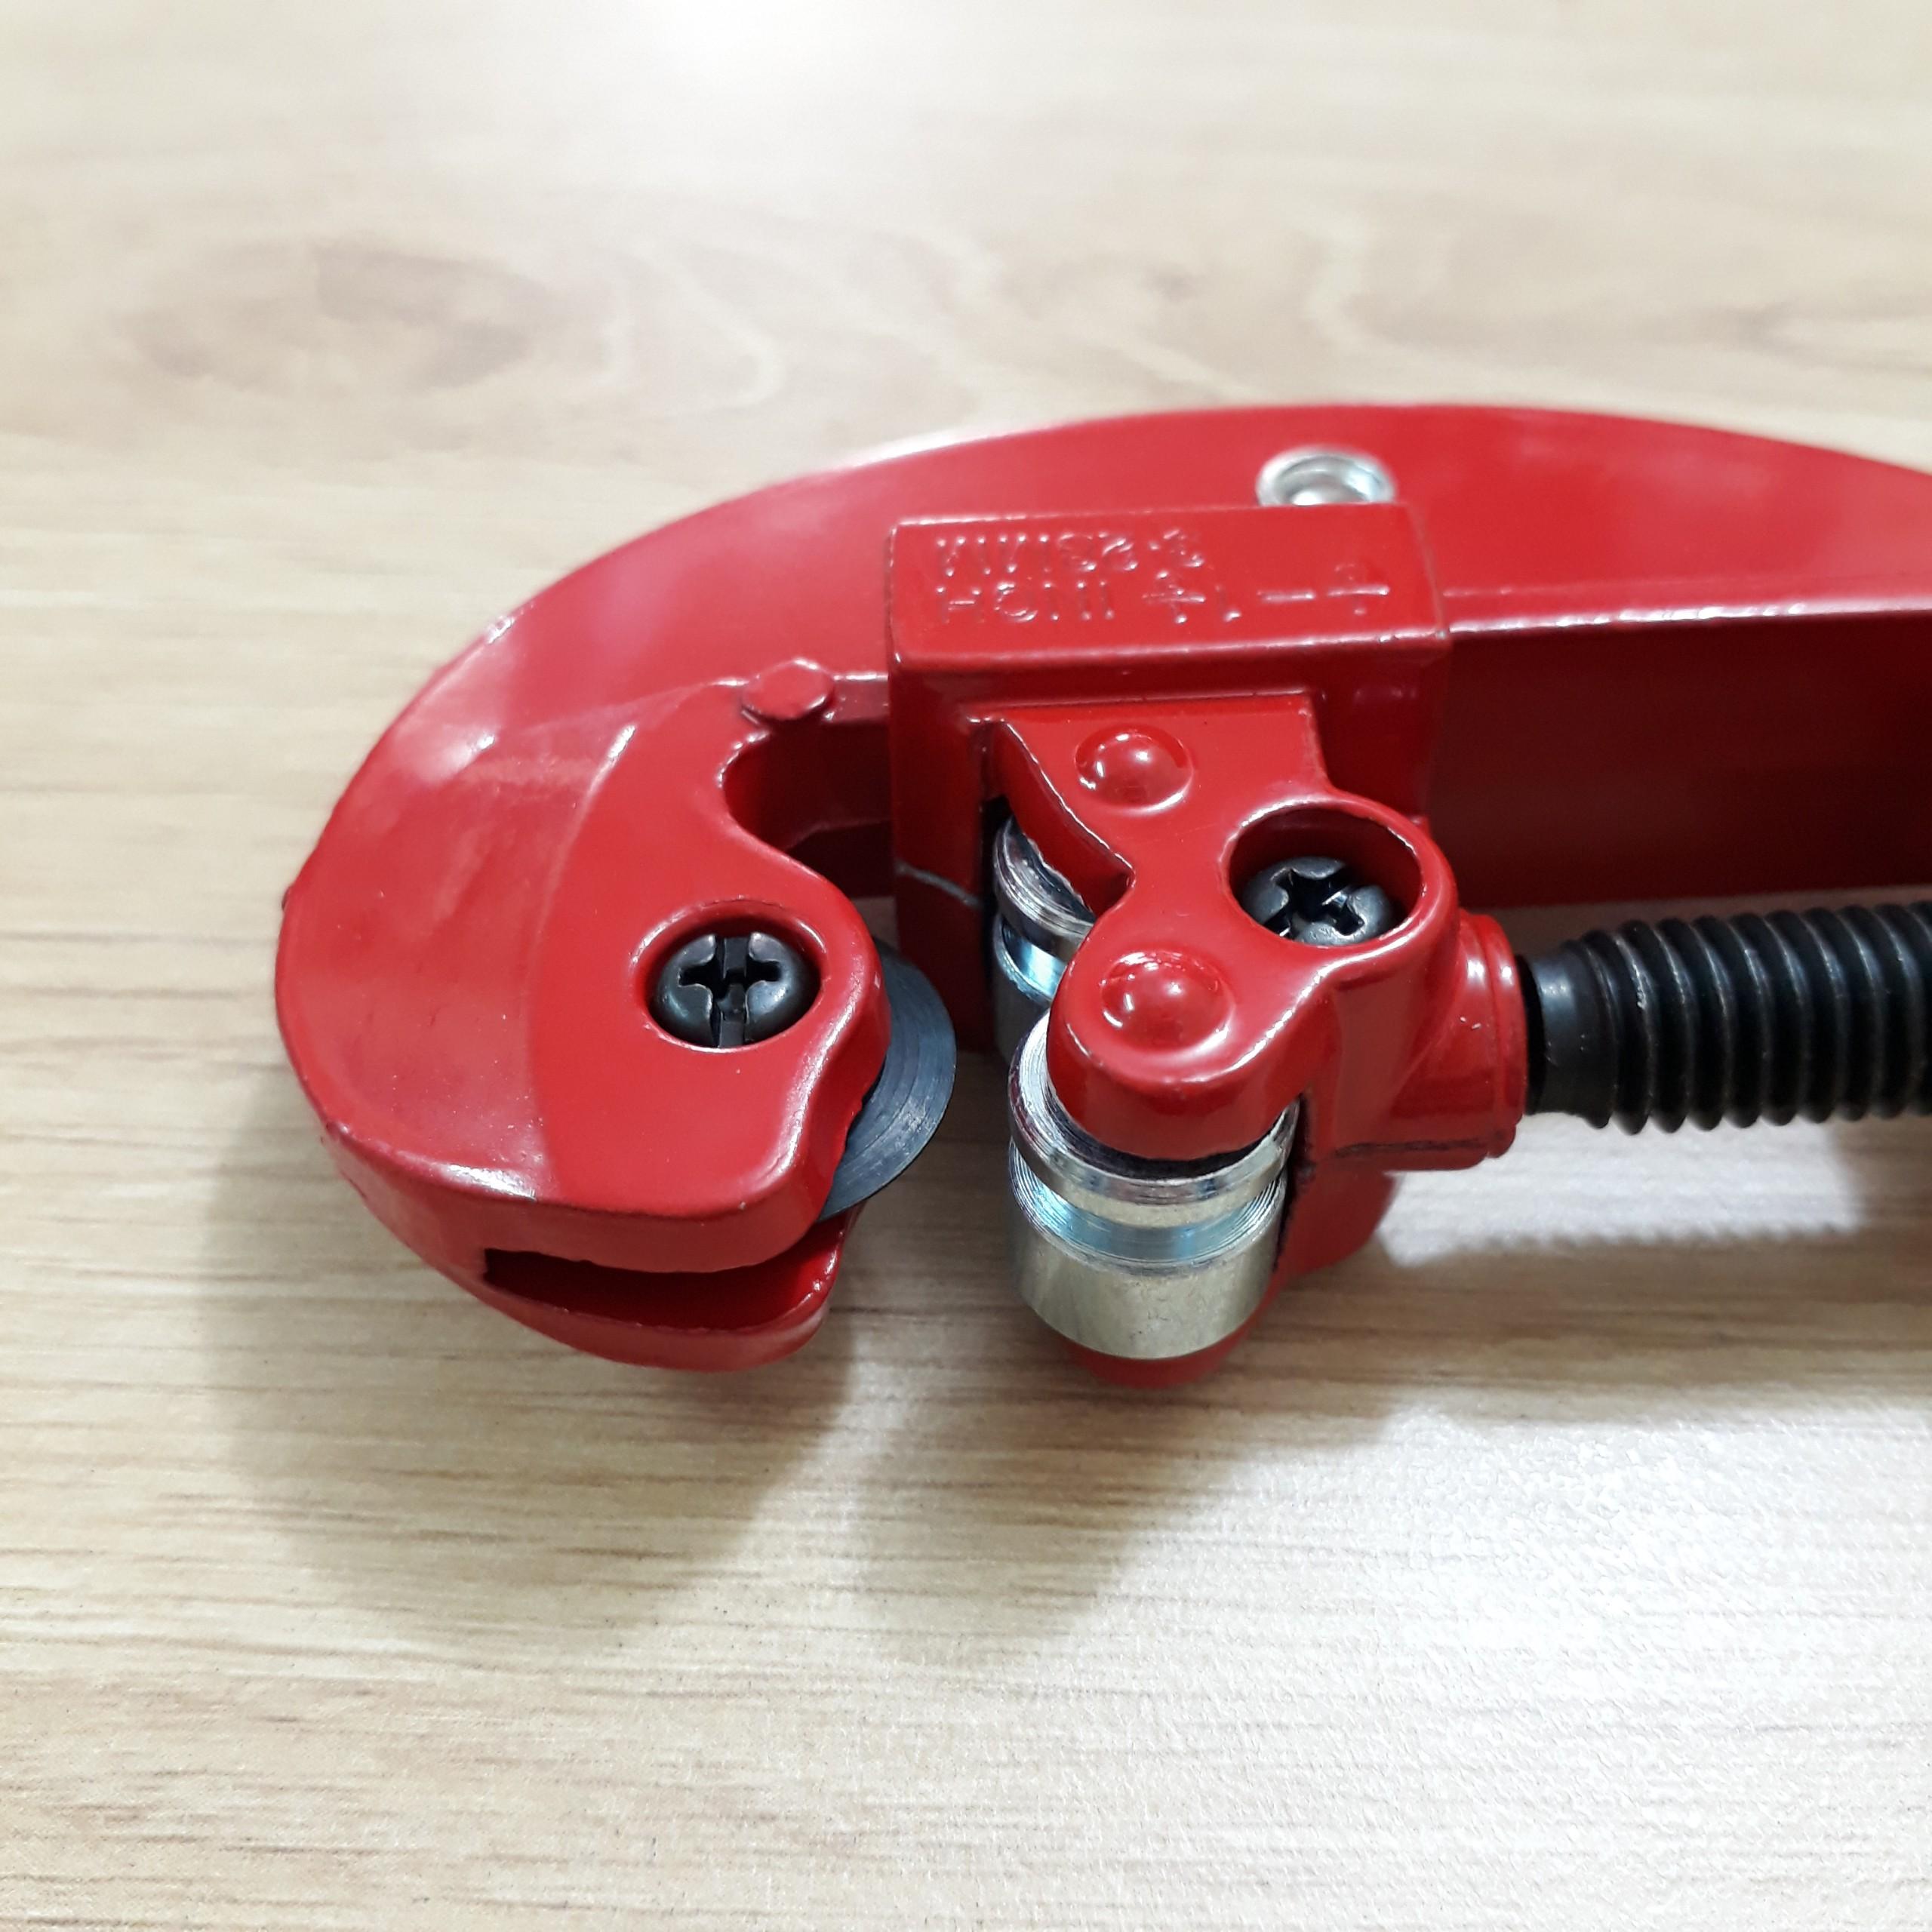 Bộ lã ống đồng hộp đỏ TOP TB-5516 TB-5516 Top   Giá rẻ nhất - Công Ty TNHH Thương Mại Dịch Vụ Đạt Tâm